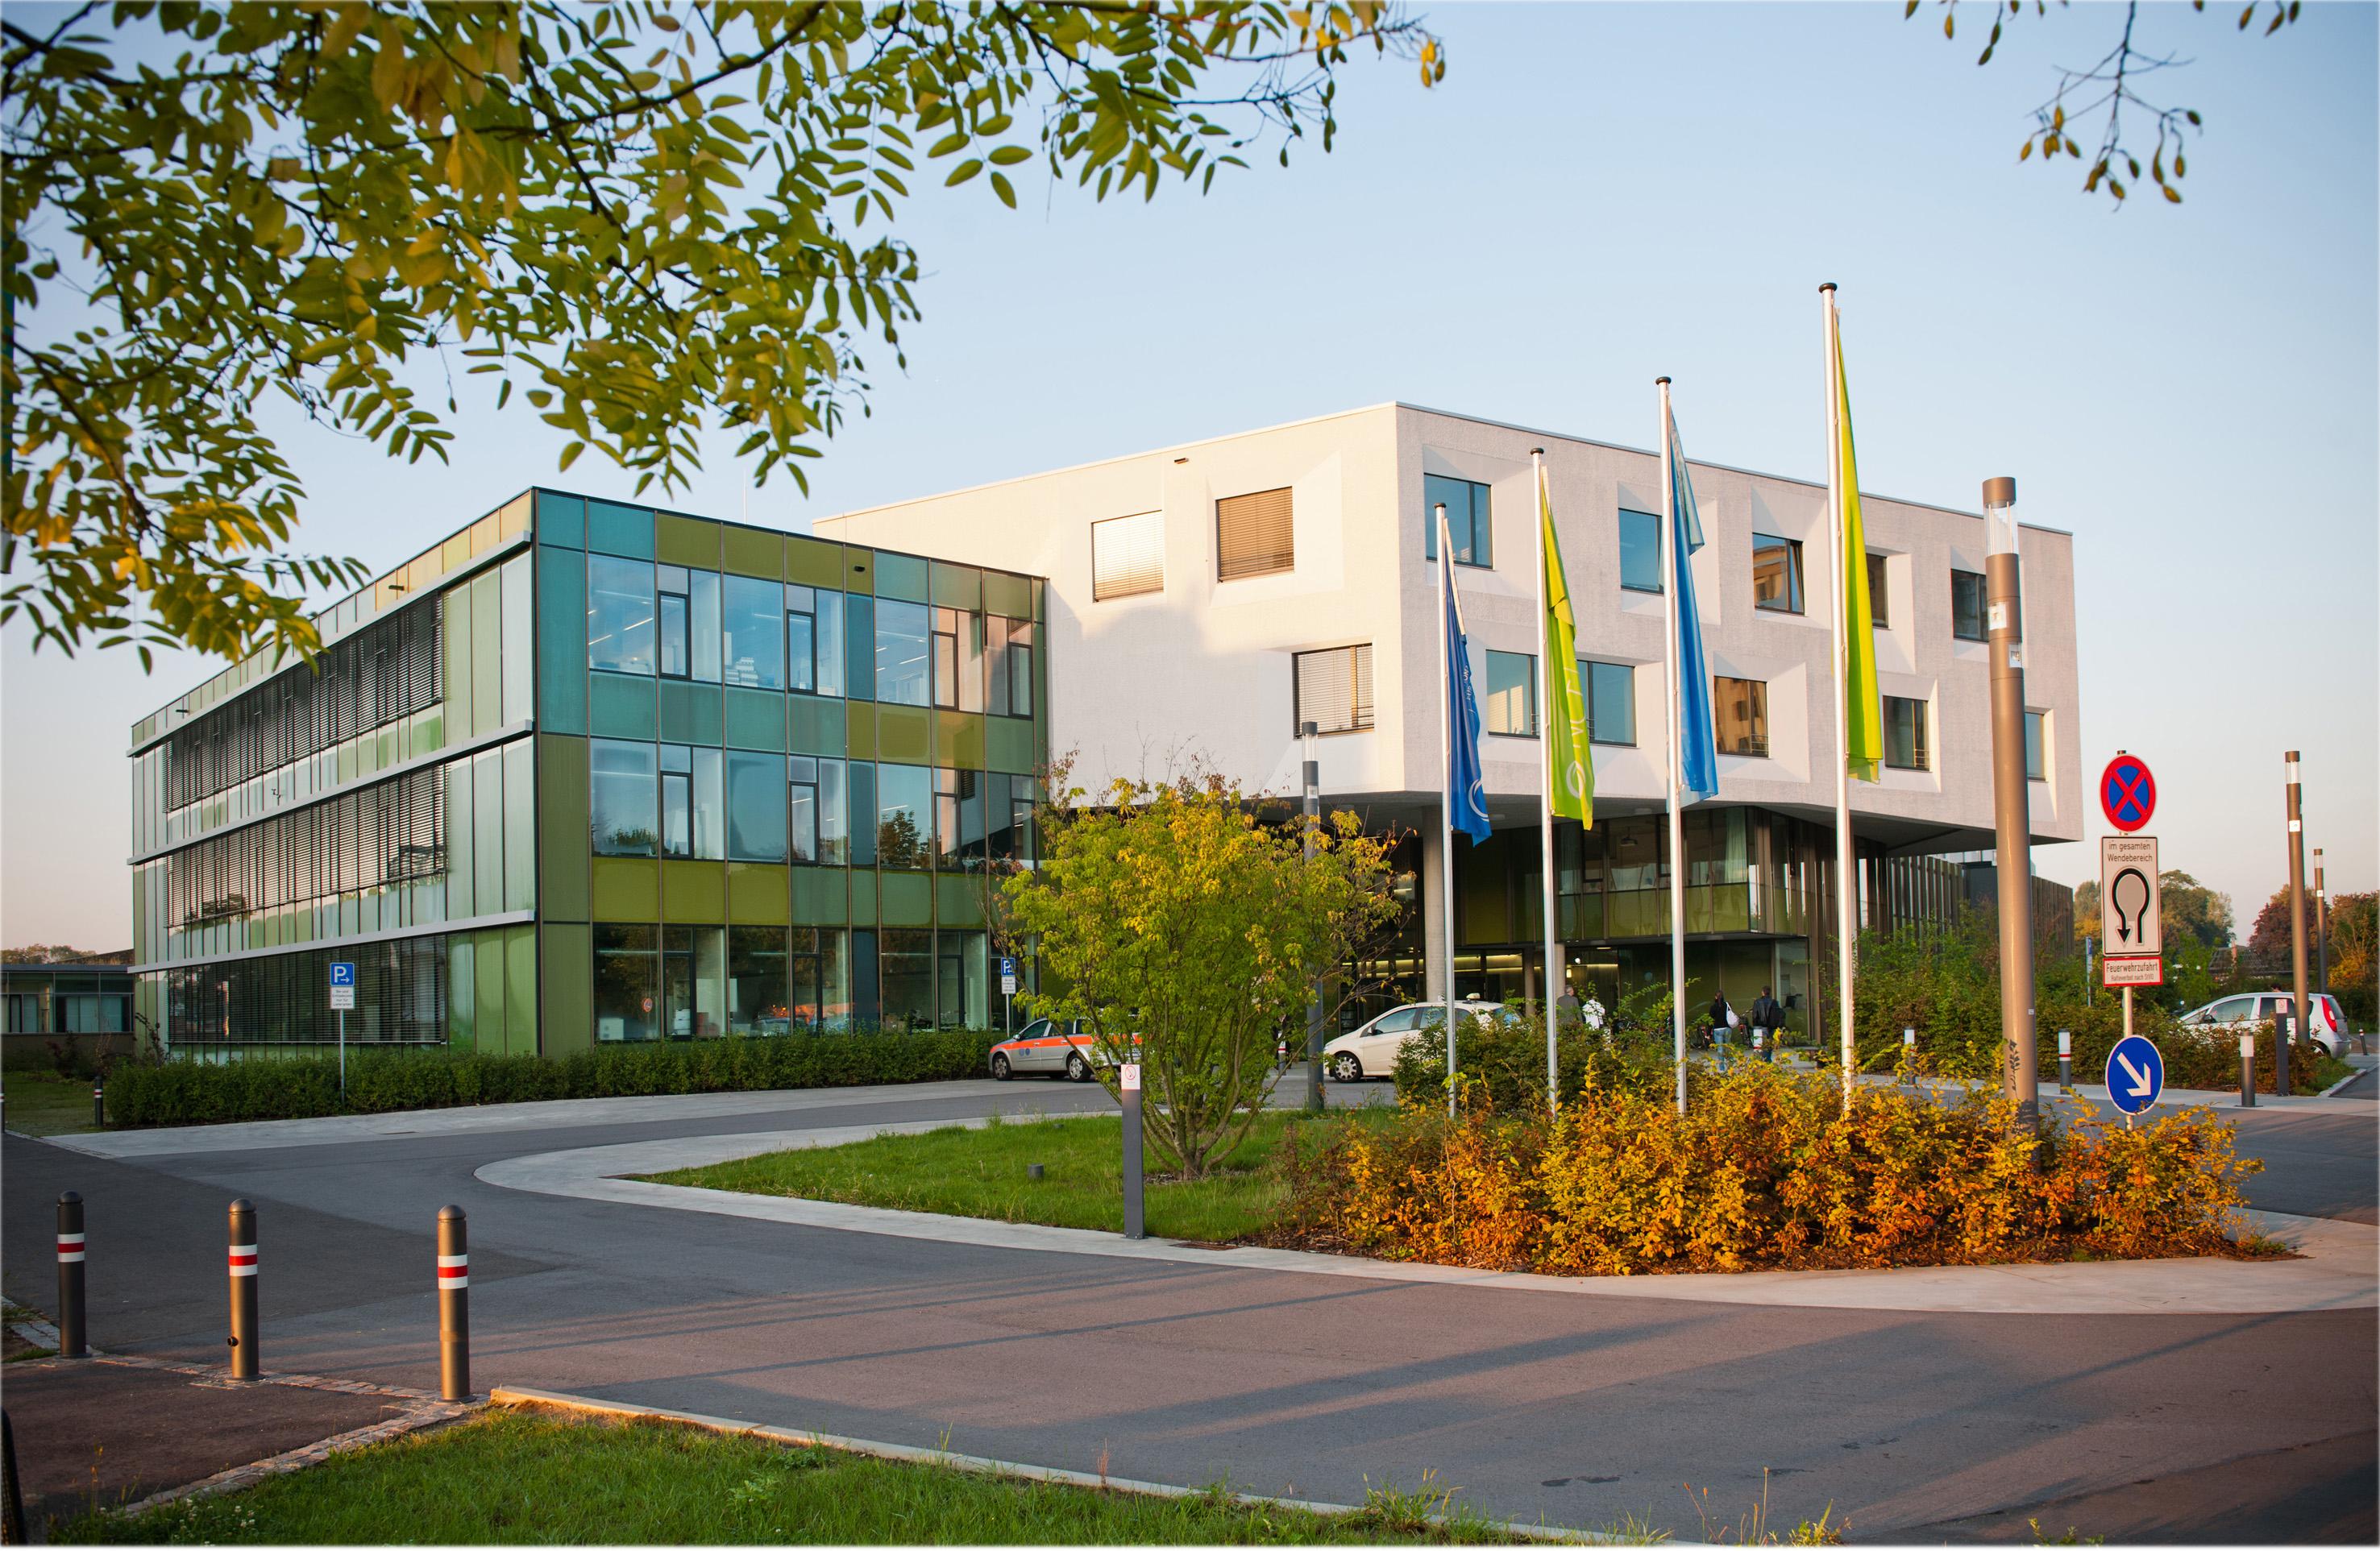 National Center for Tumor Diseases (NCT) (photo: Heidelberg University Hospital)